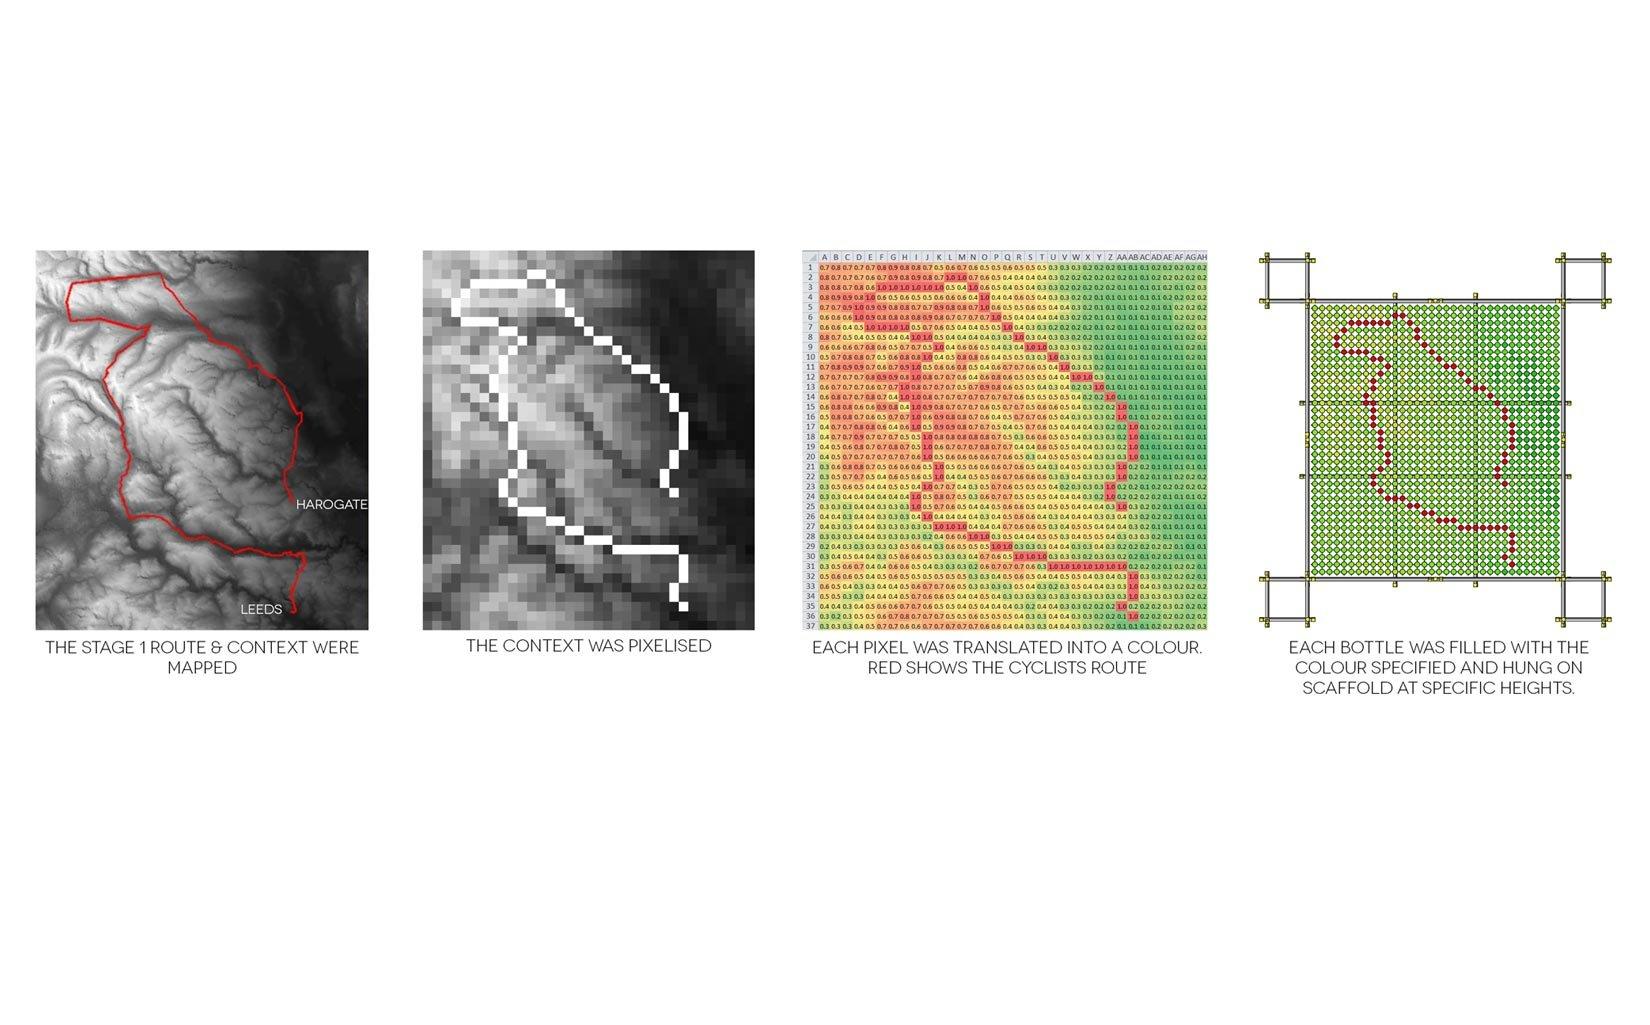 RE:Cycle tour de france, pavilion, concept diagram